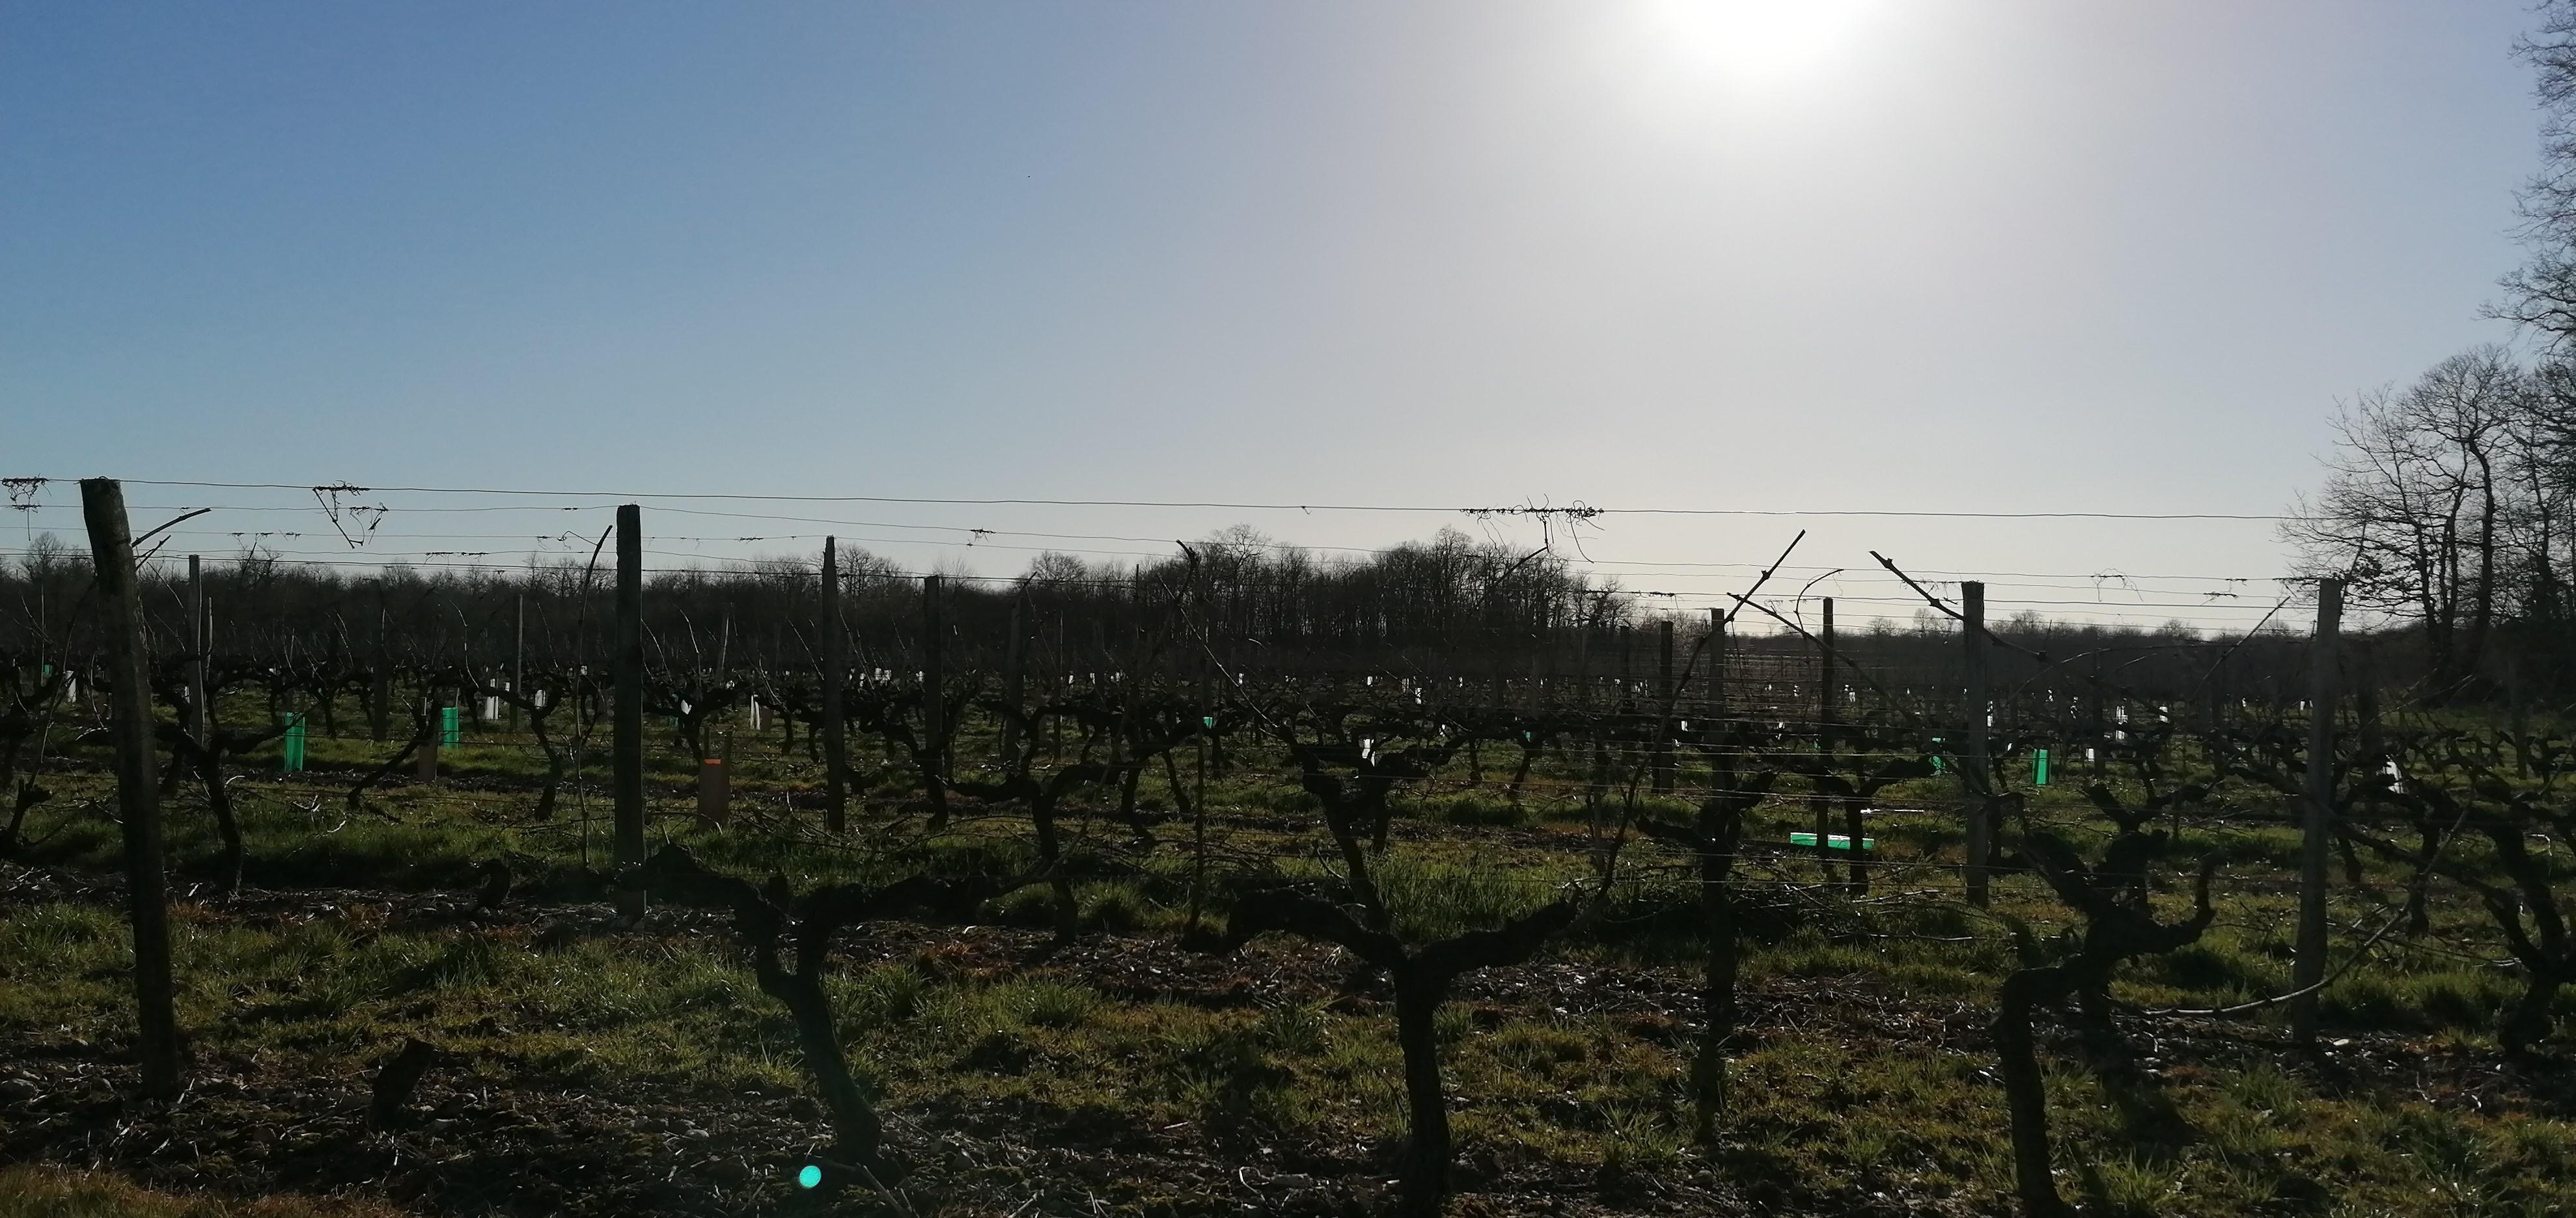 Vigne avec soleil hivernal